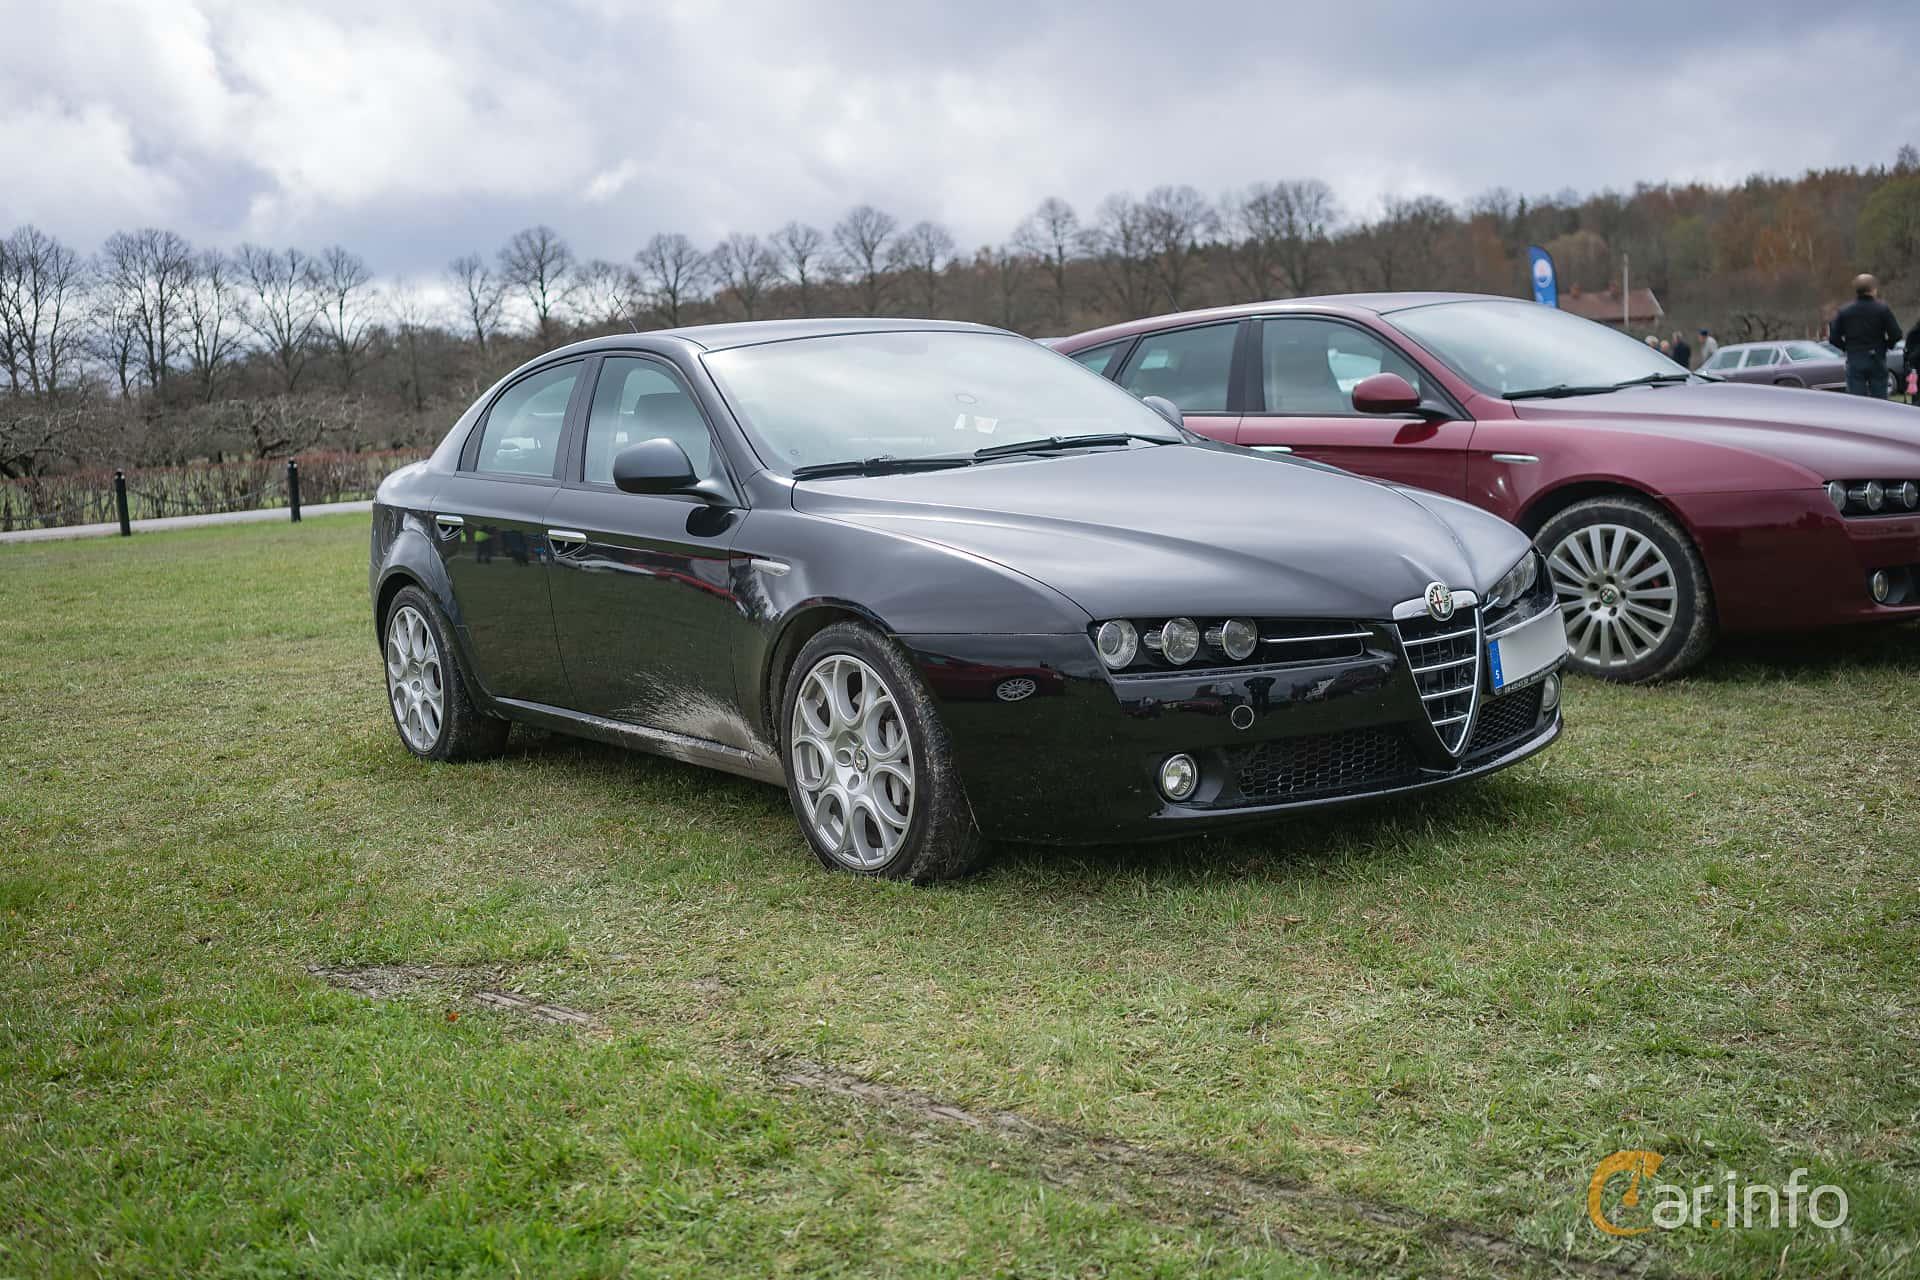 1 Images Of Alfa Romeo 159 3 2 Jts V6 24v Q4 Manual 260hp 2007 By